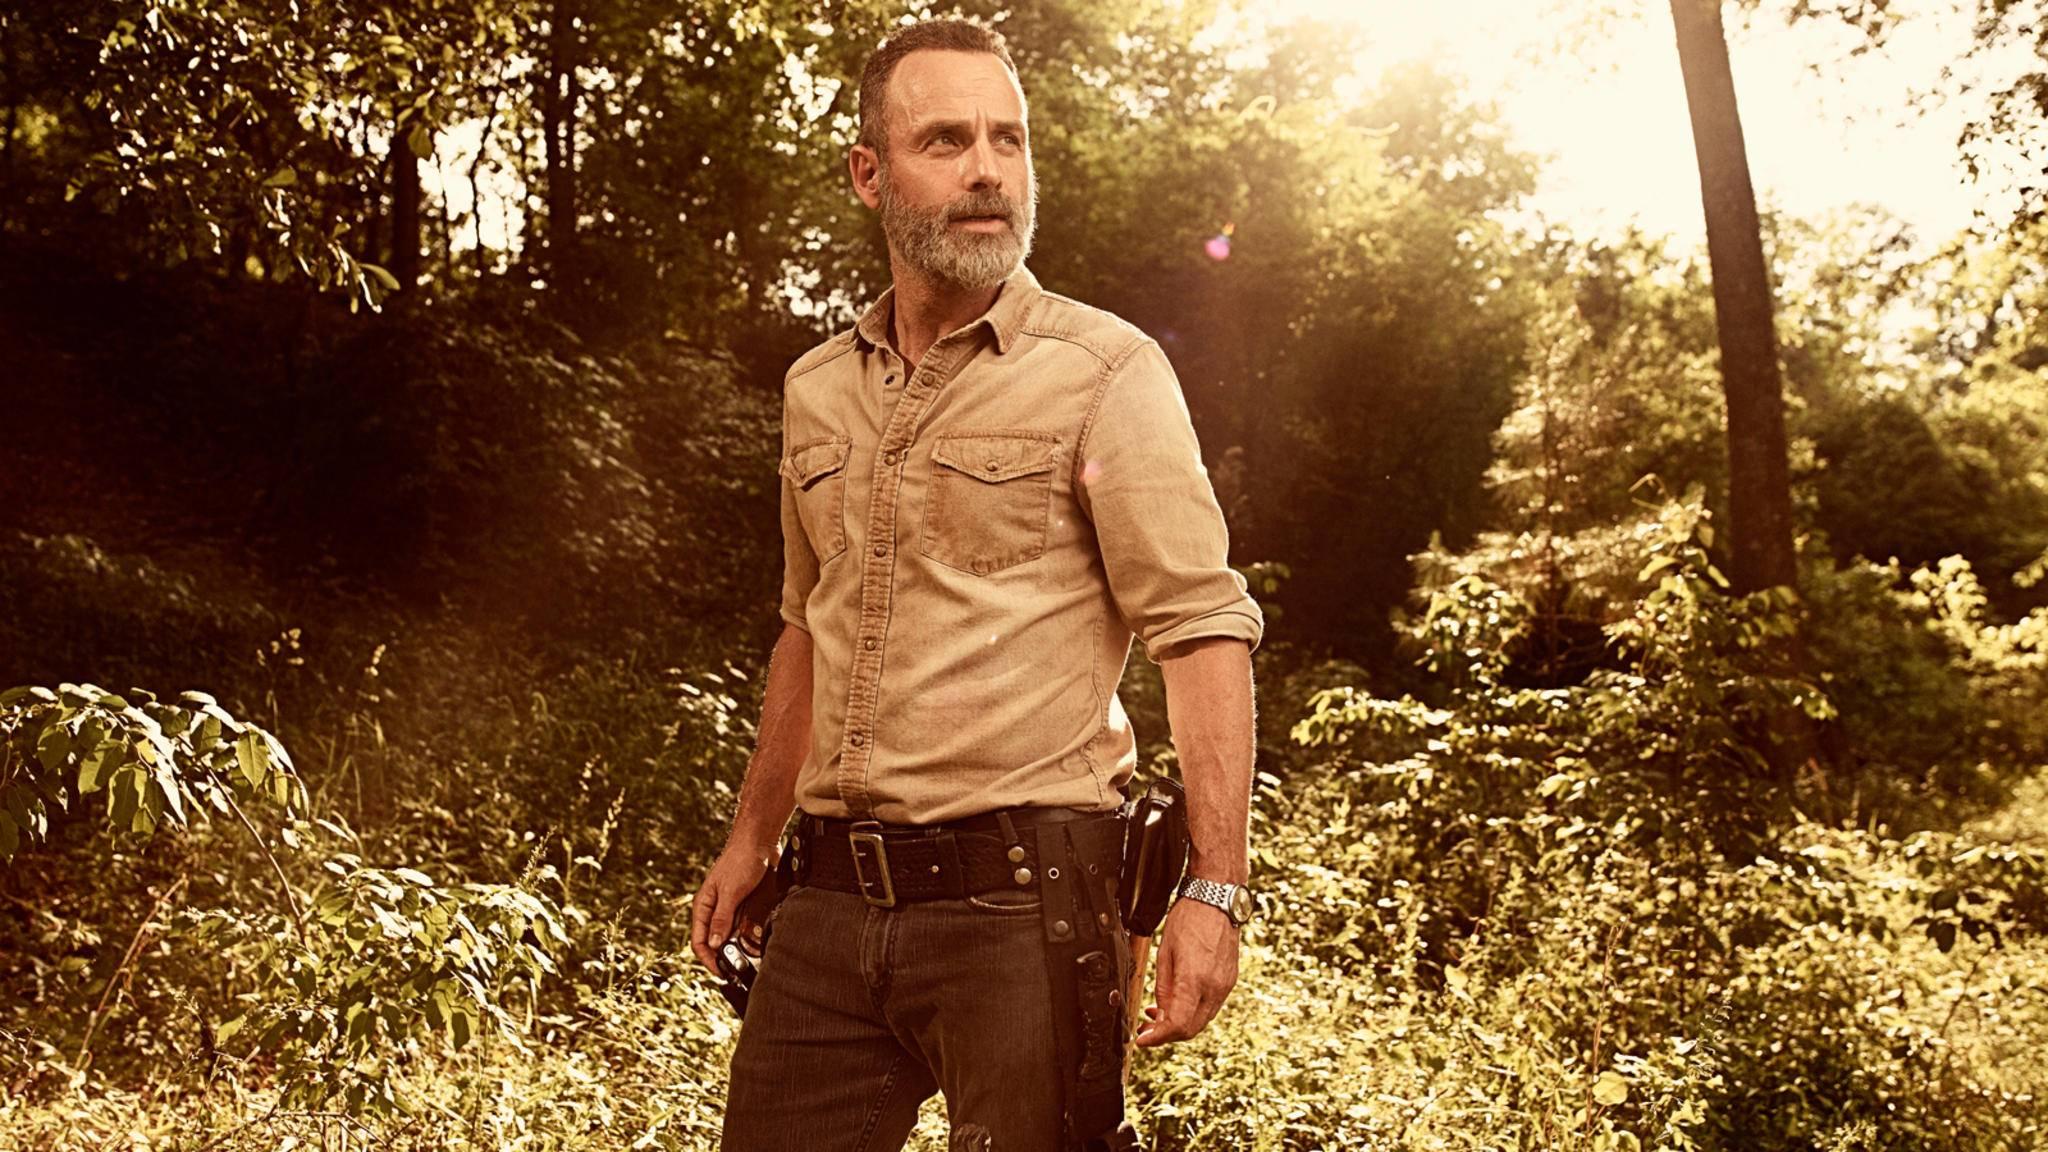 Rick-Grimes-Darsteller Andrew Lincoln wurde beim Dreh gesichtet – für welchen Film stand er wohl vor der Kamera?